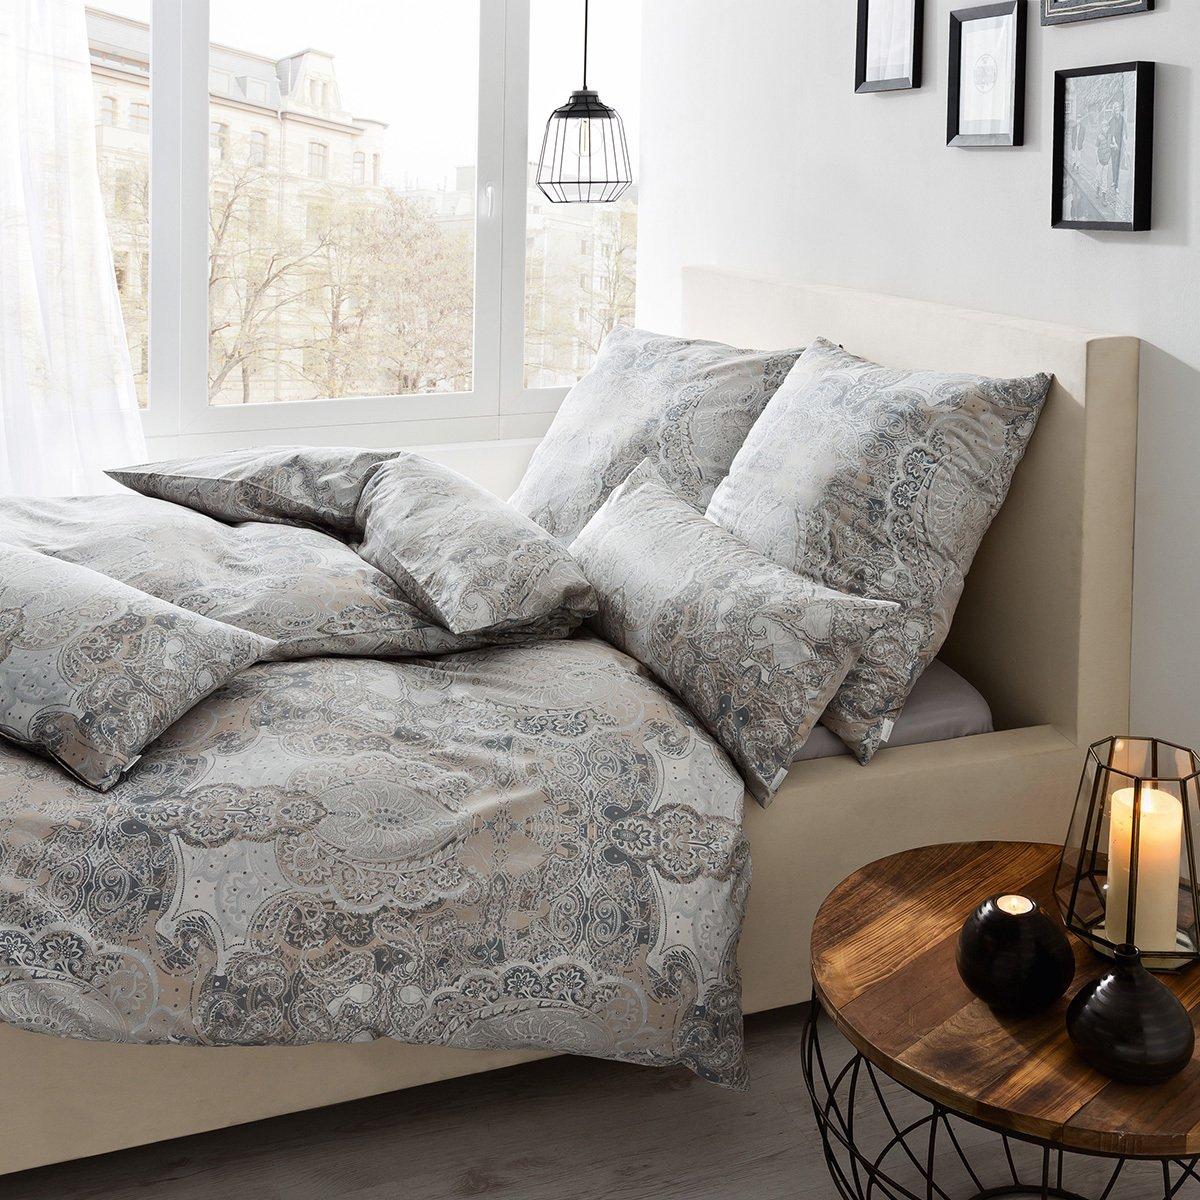 estella mako interlock jersey bettw sche 6217 340 nougat g nstig online kaufen bei bettwaren shop. Black Bedroom Furniture Sets. Home Design Ideas